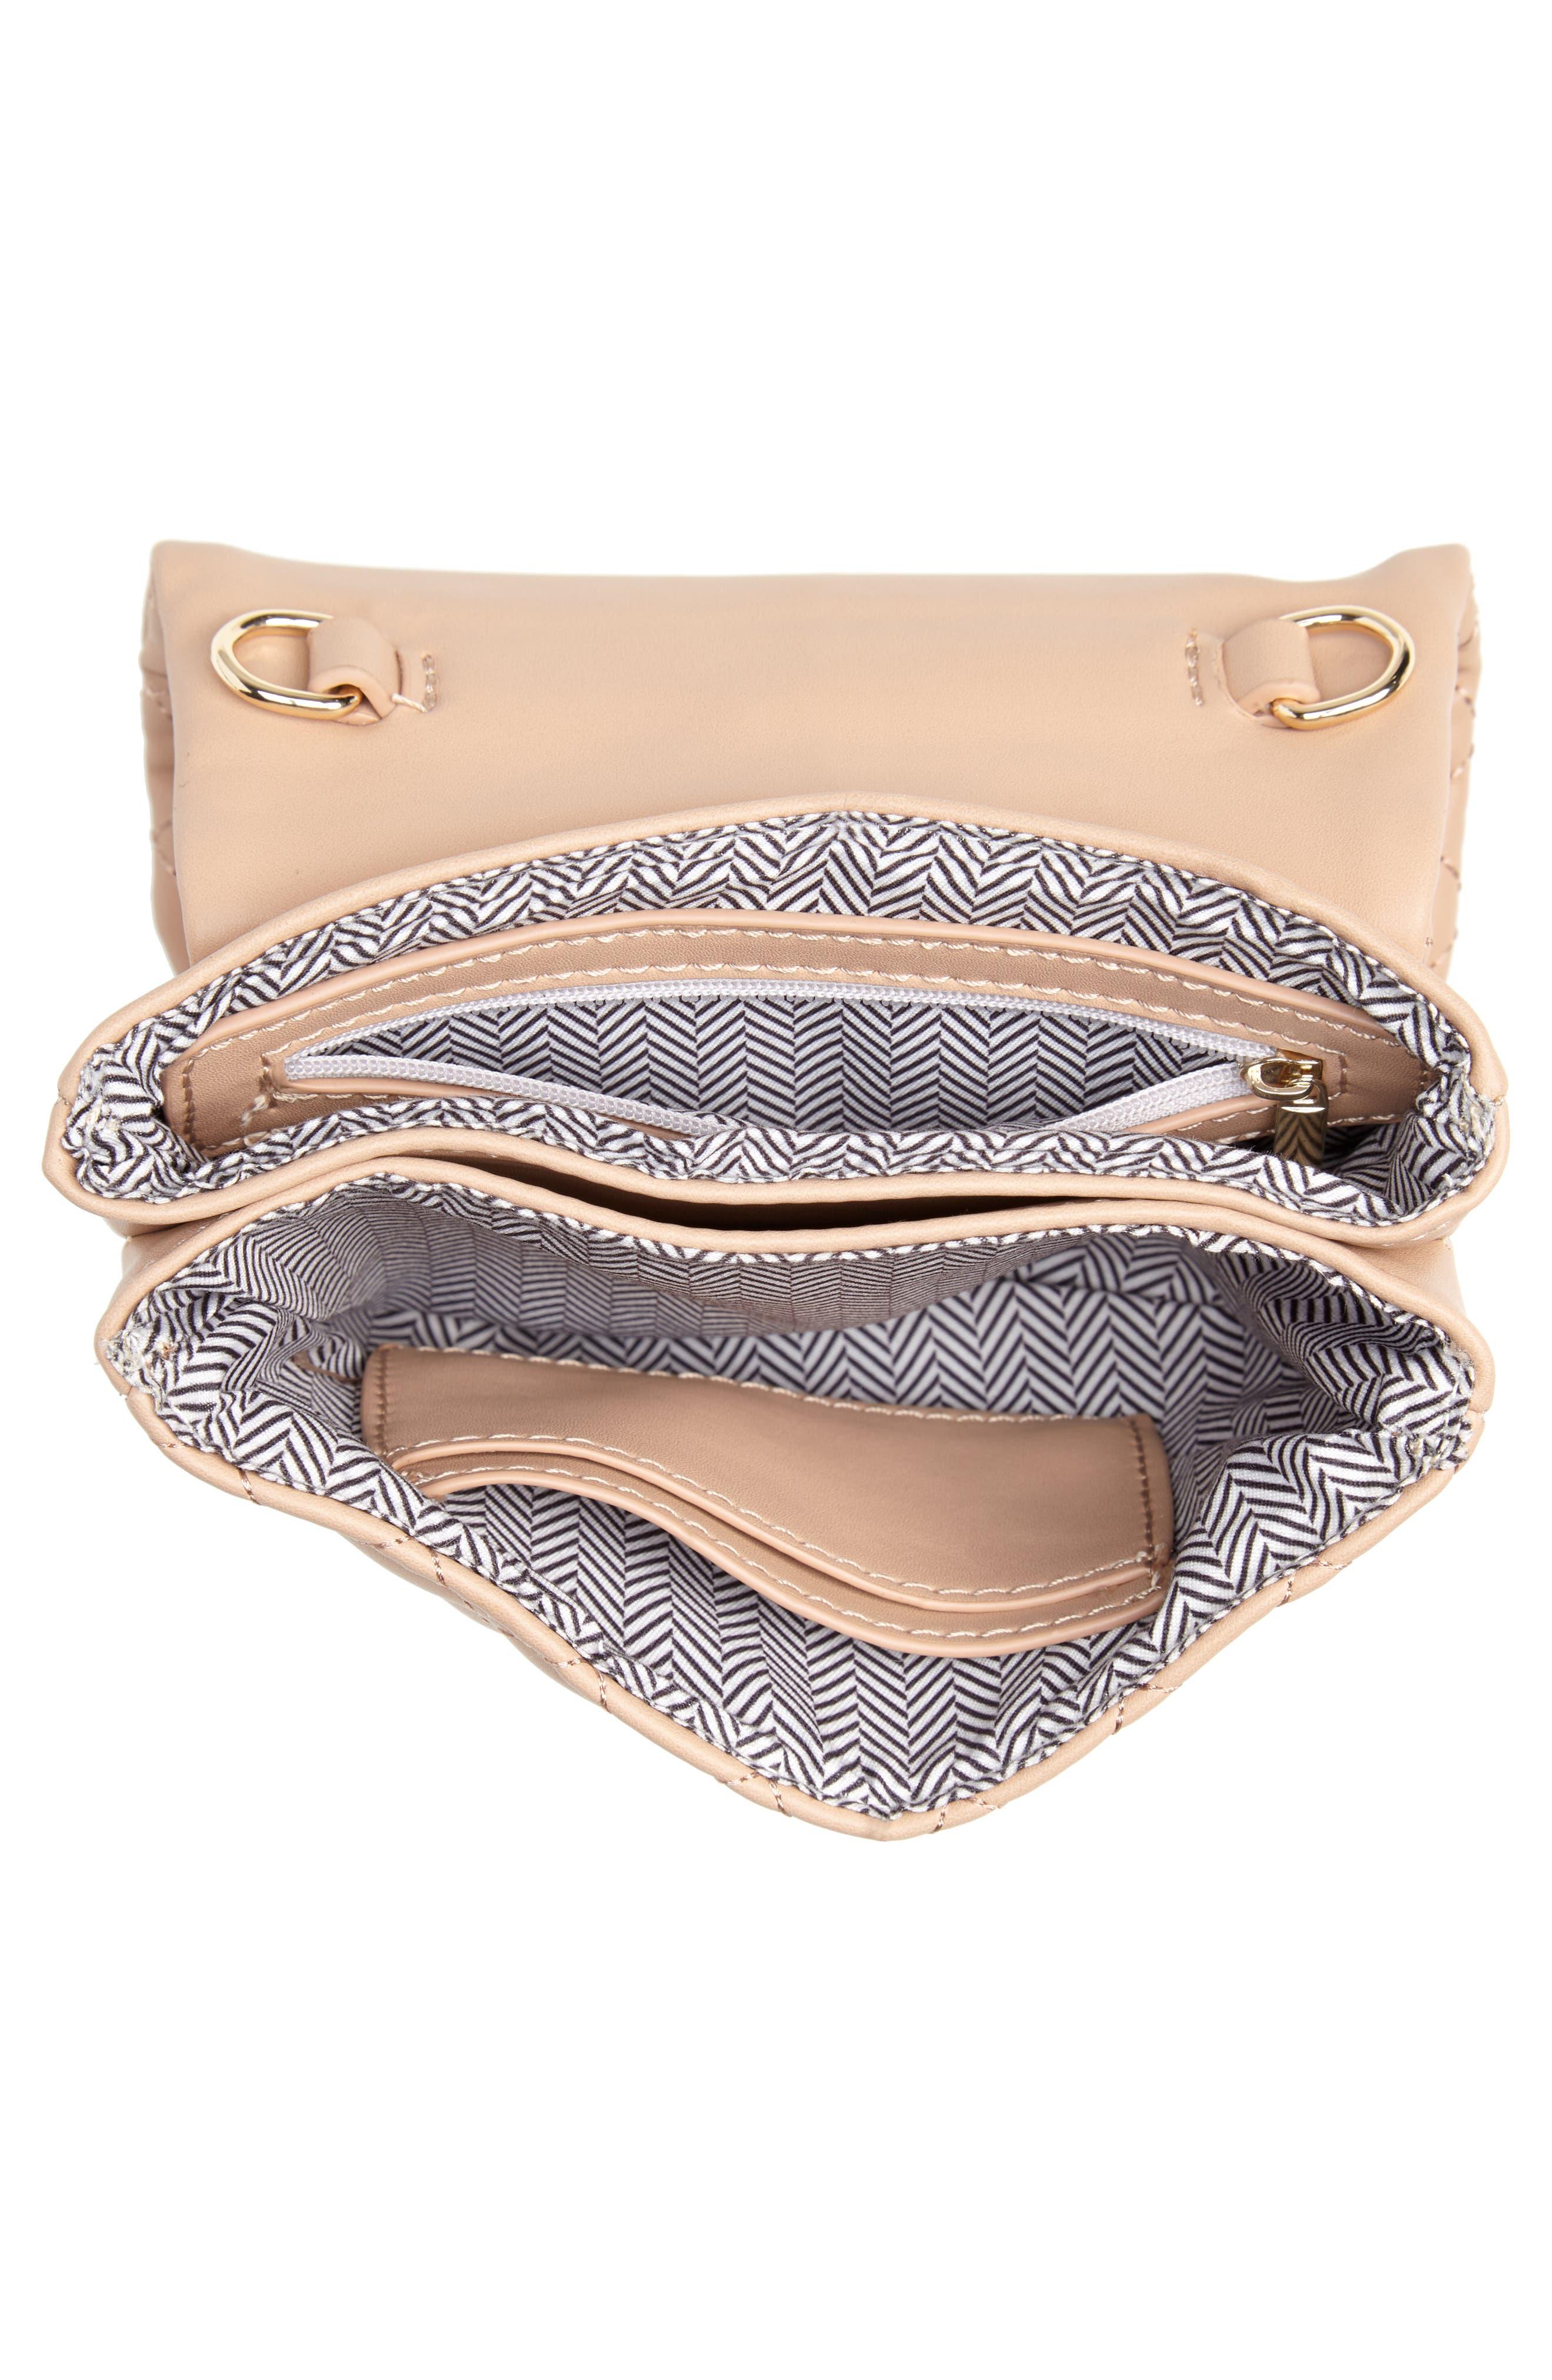 Mali + Lili Quilted Vegan Leather Belt Bag,                             Alternate thumbnail 7, color,                             CAMEL